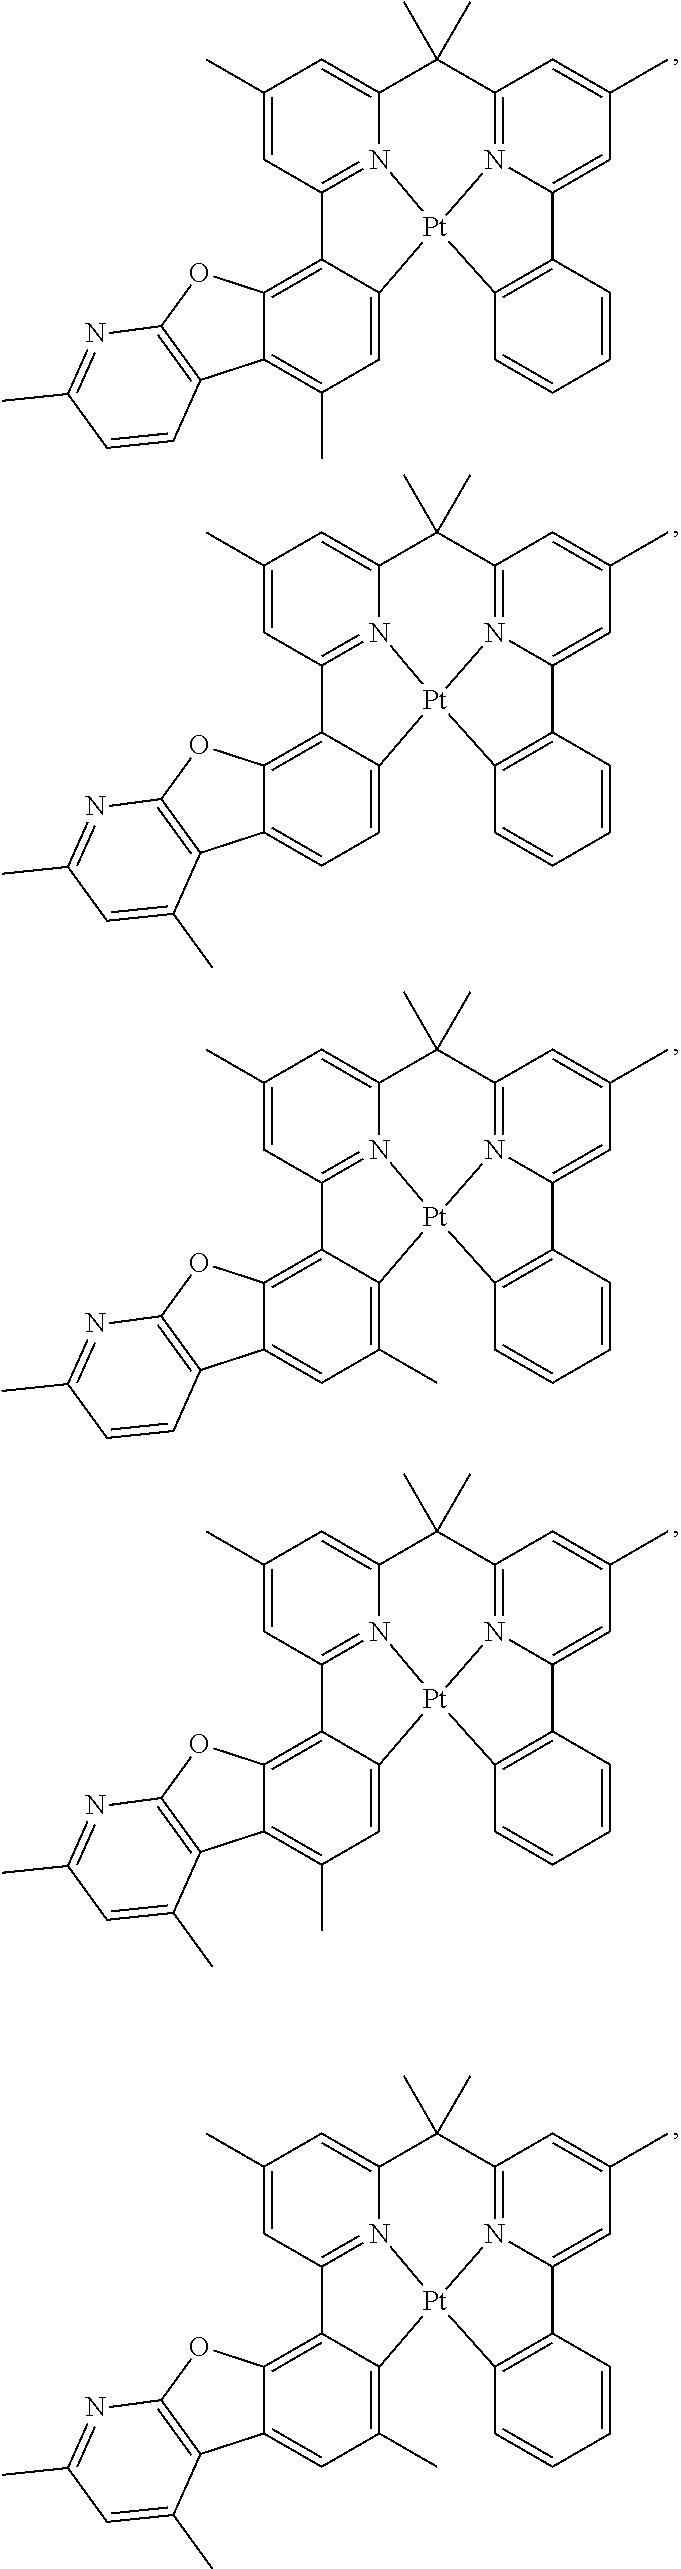 Figure US09871214-20180116-C00012